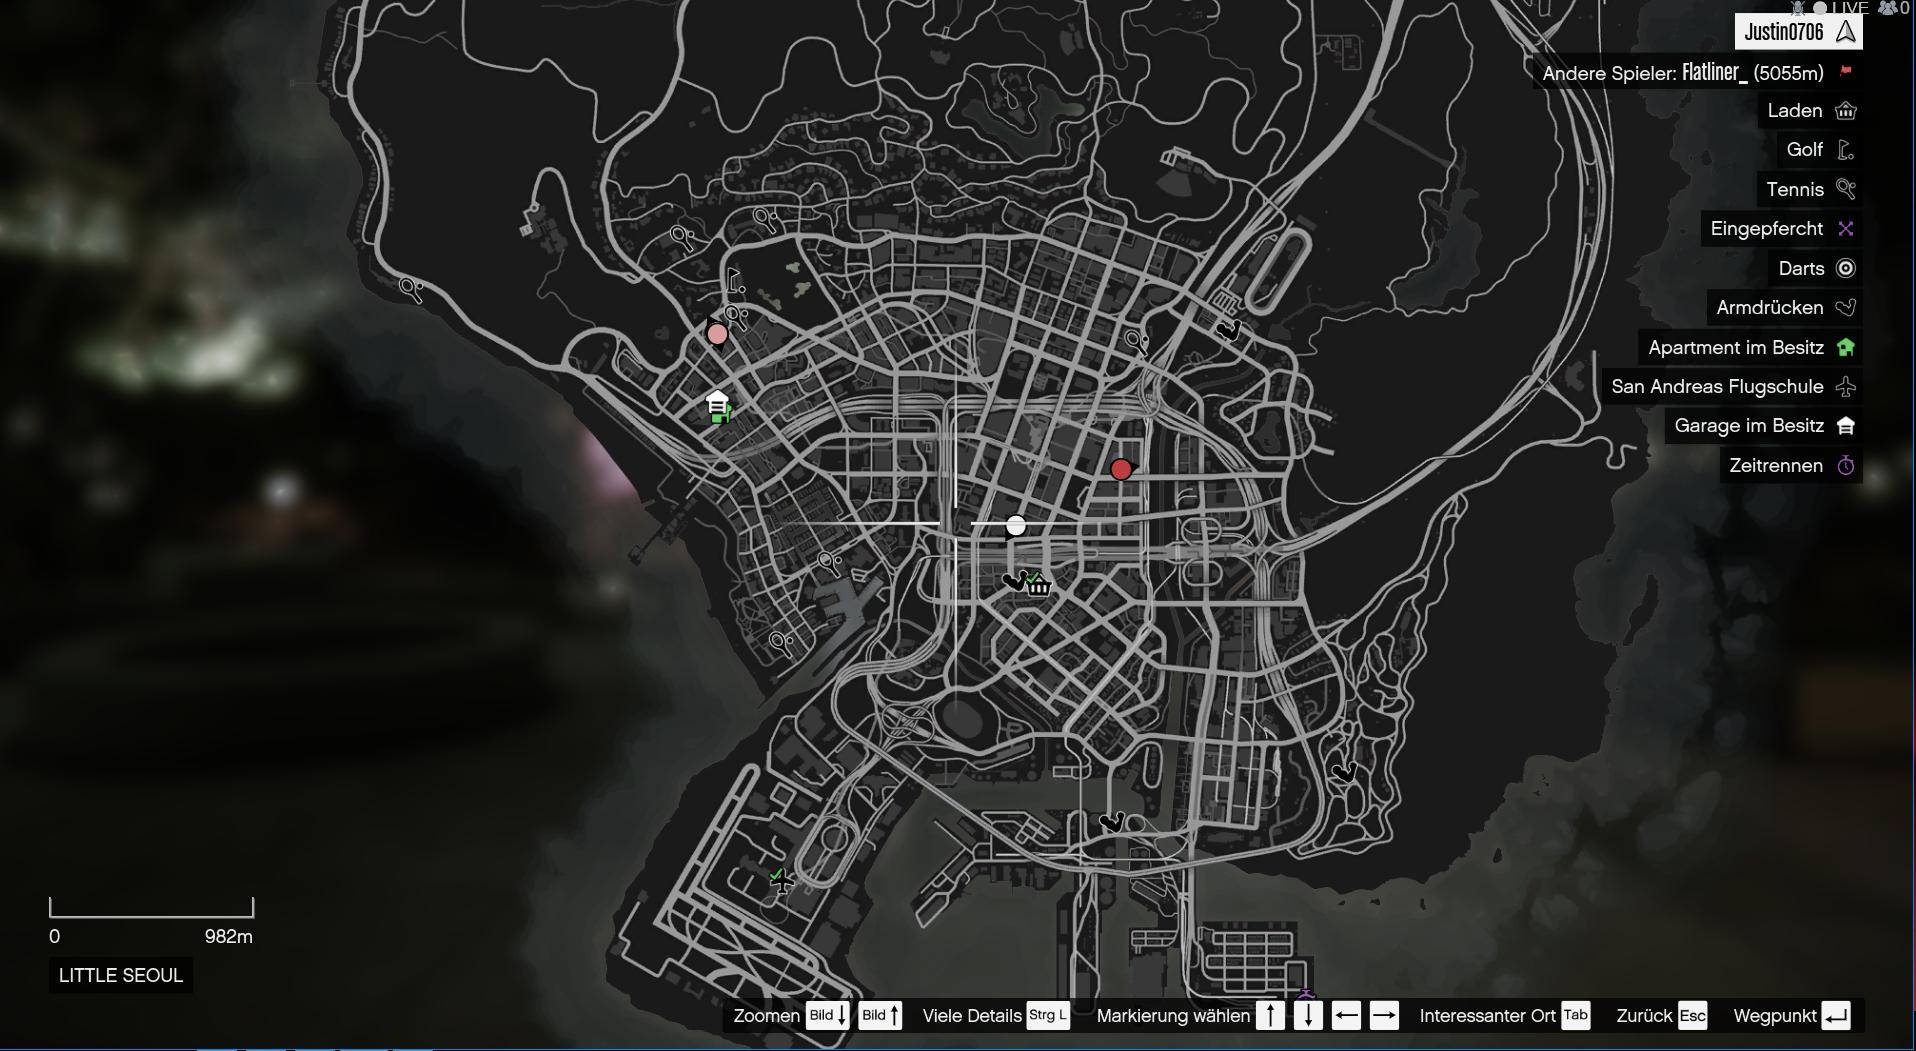 Gta 5 Karte Polizeistation.Gta Karte Karte